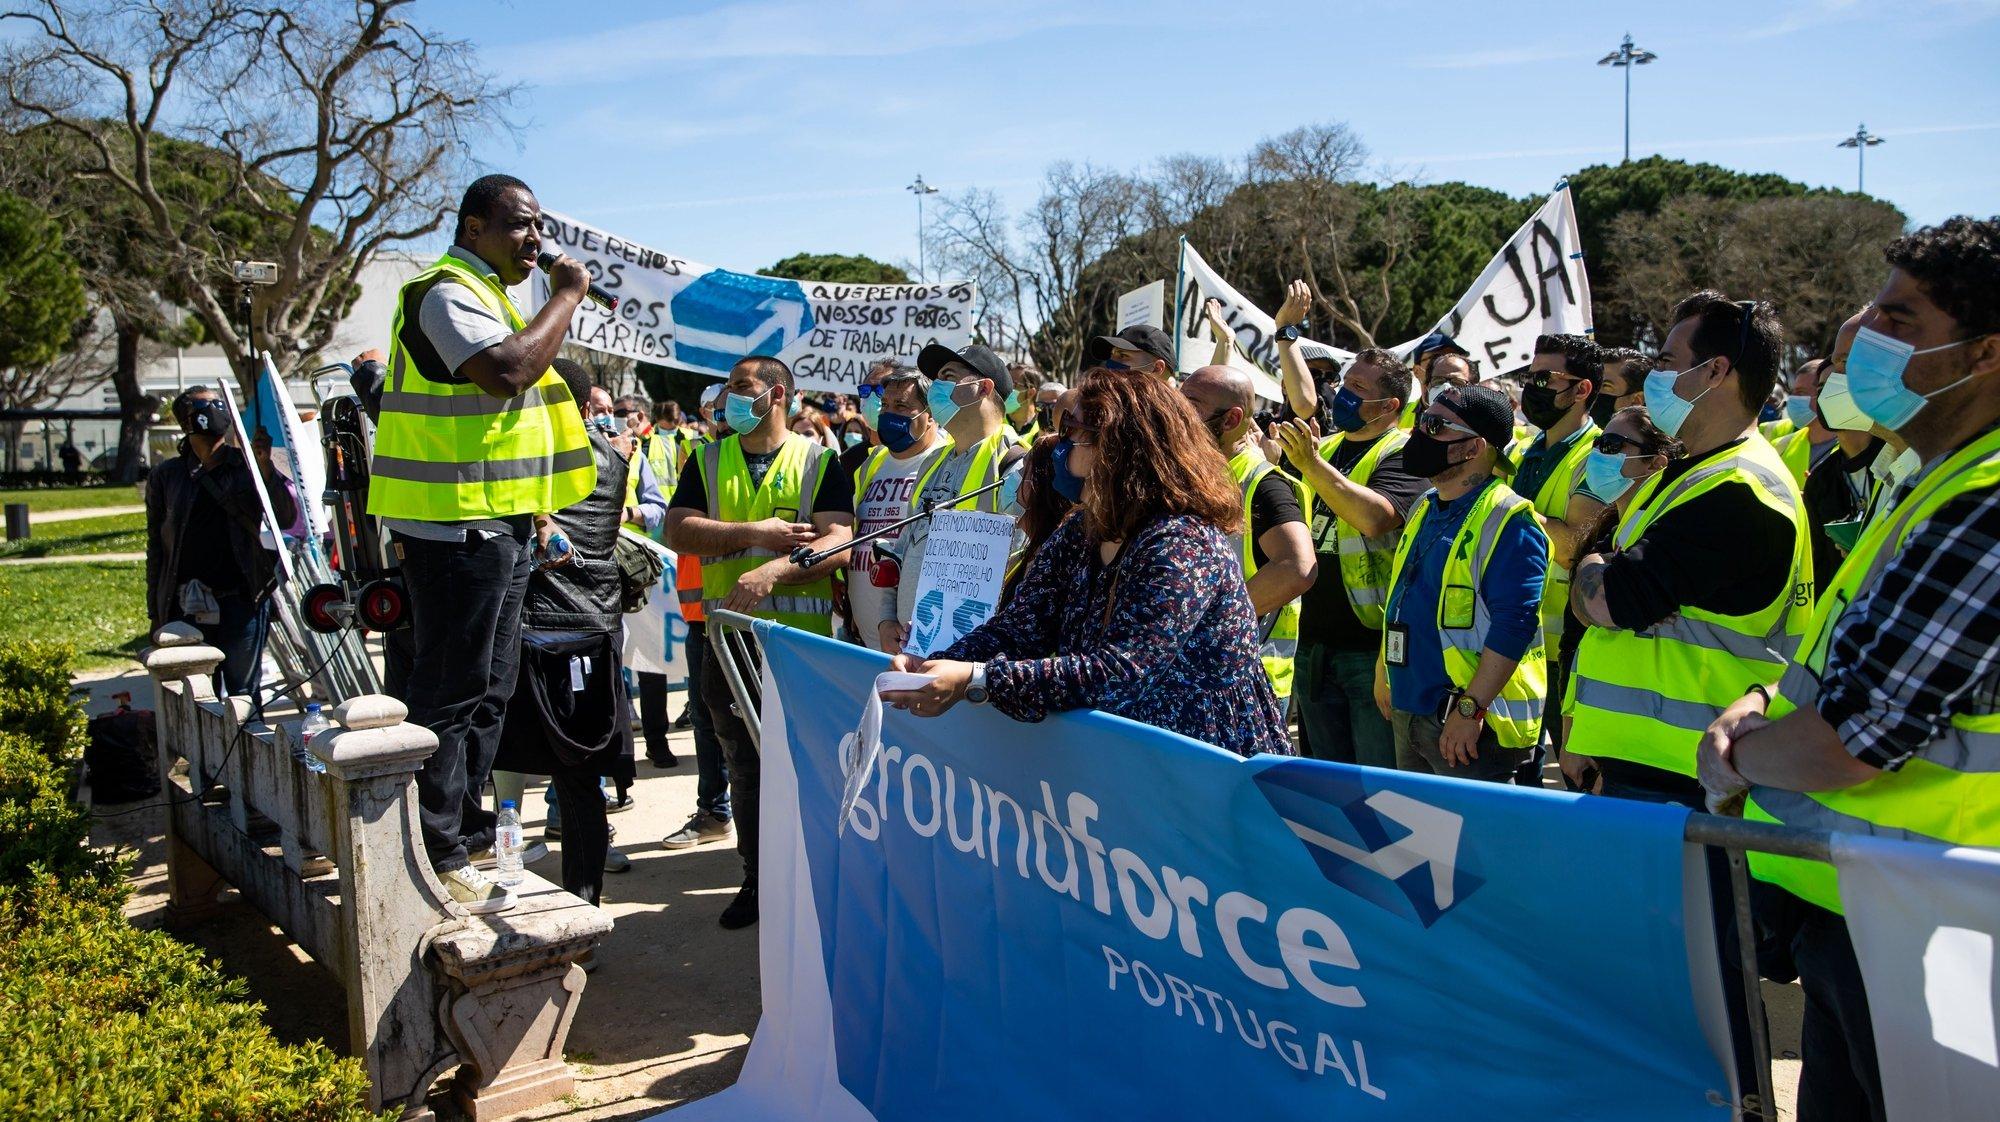 Manifestação de trabalhadores da SPdH/Groundforce convocada pelo movimento SOS handling, em protesto pelo não pagamento de salários e os despedimentos anunciados, em frente ao Palácio de Belém, em Lisboa, 15 de  março de 2021. JOSÉ SENA GOULÃO/LUSA